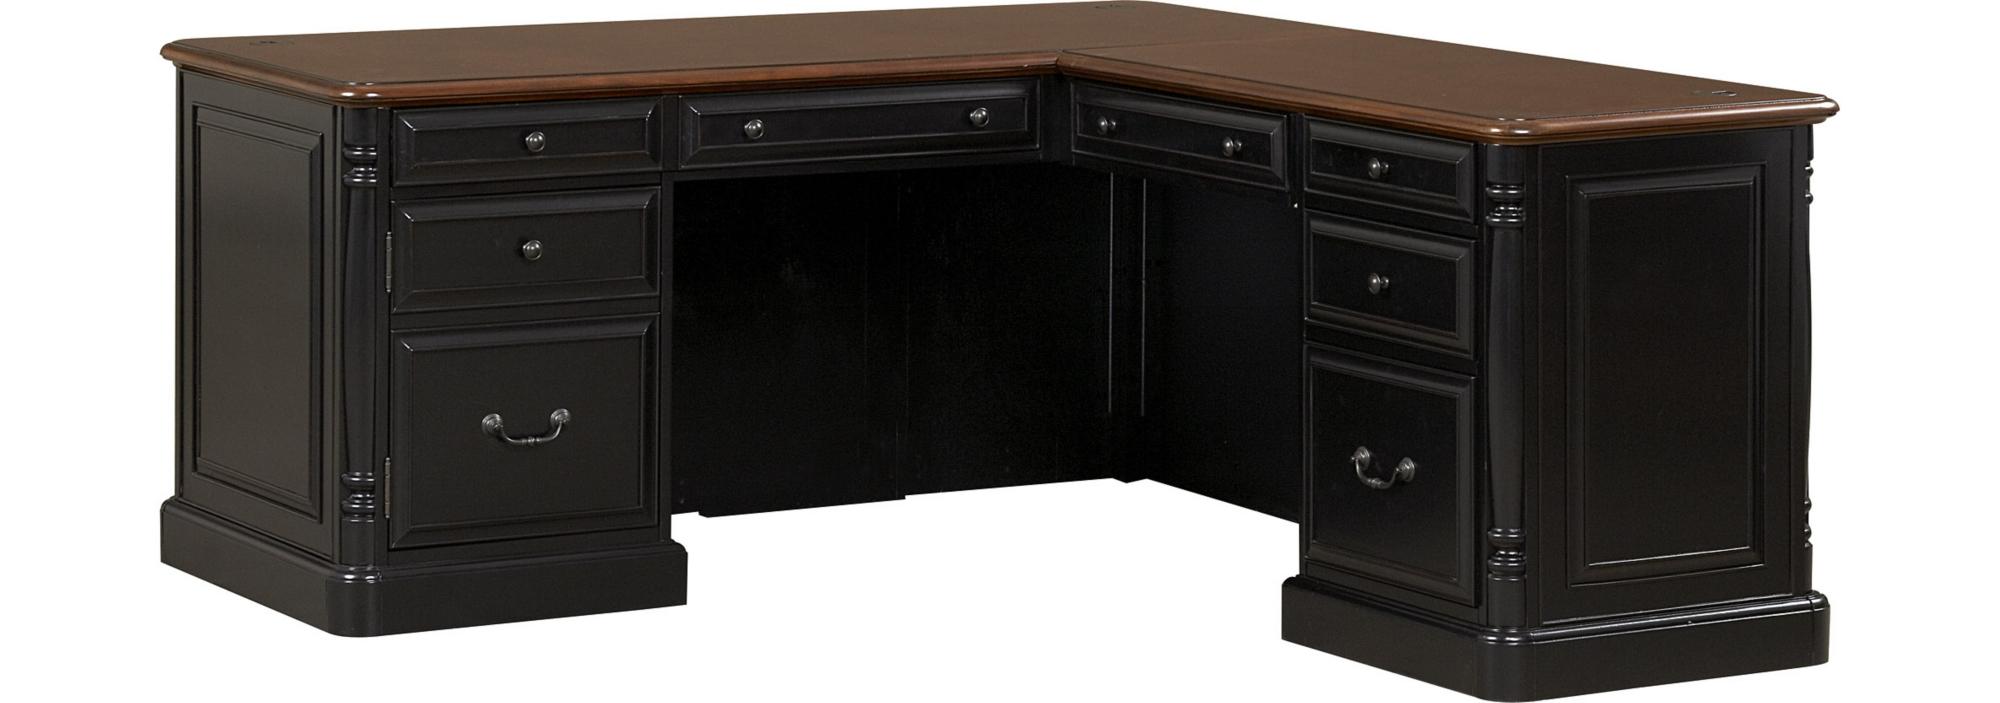 fice Desks and Hutches